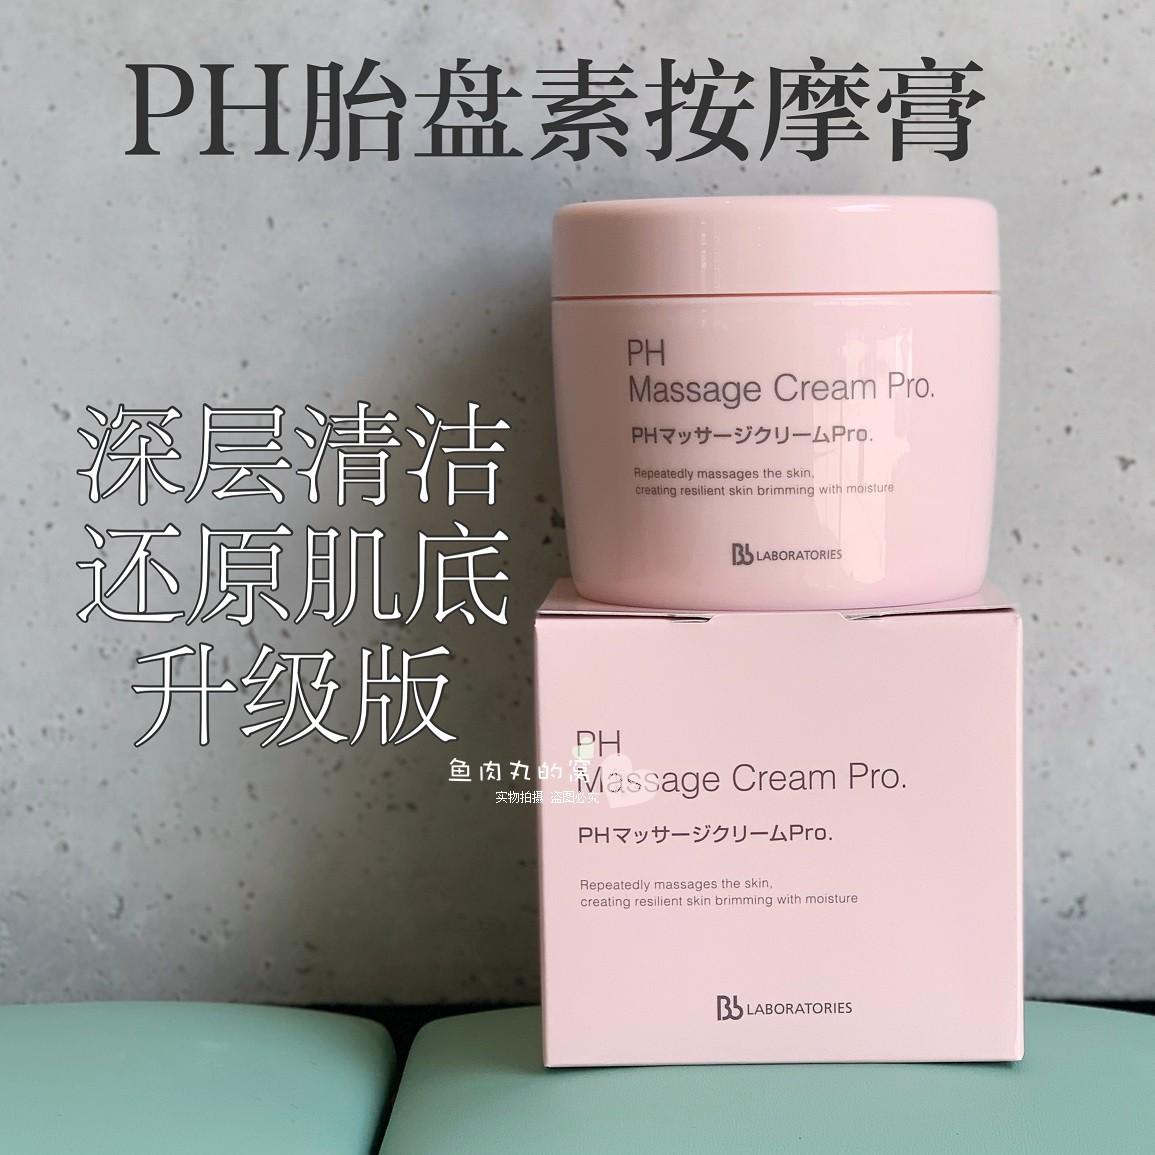 粉罐升级包邮日本BbLaboratories胎盘素ph按摩膏面部补水清洁毛孔